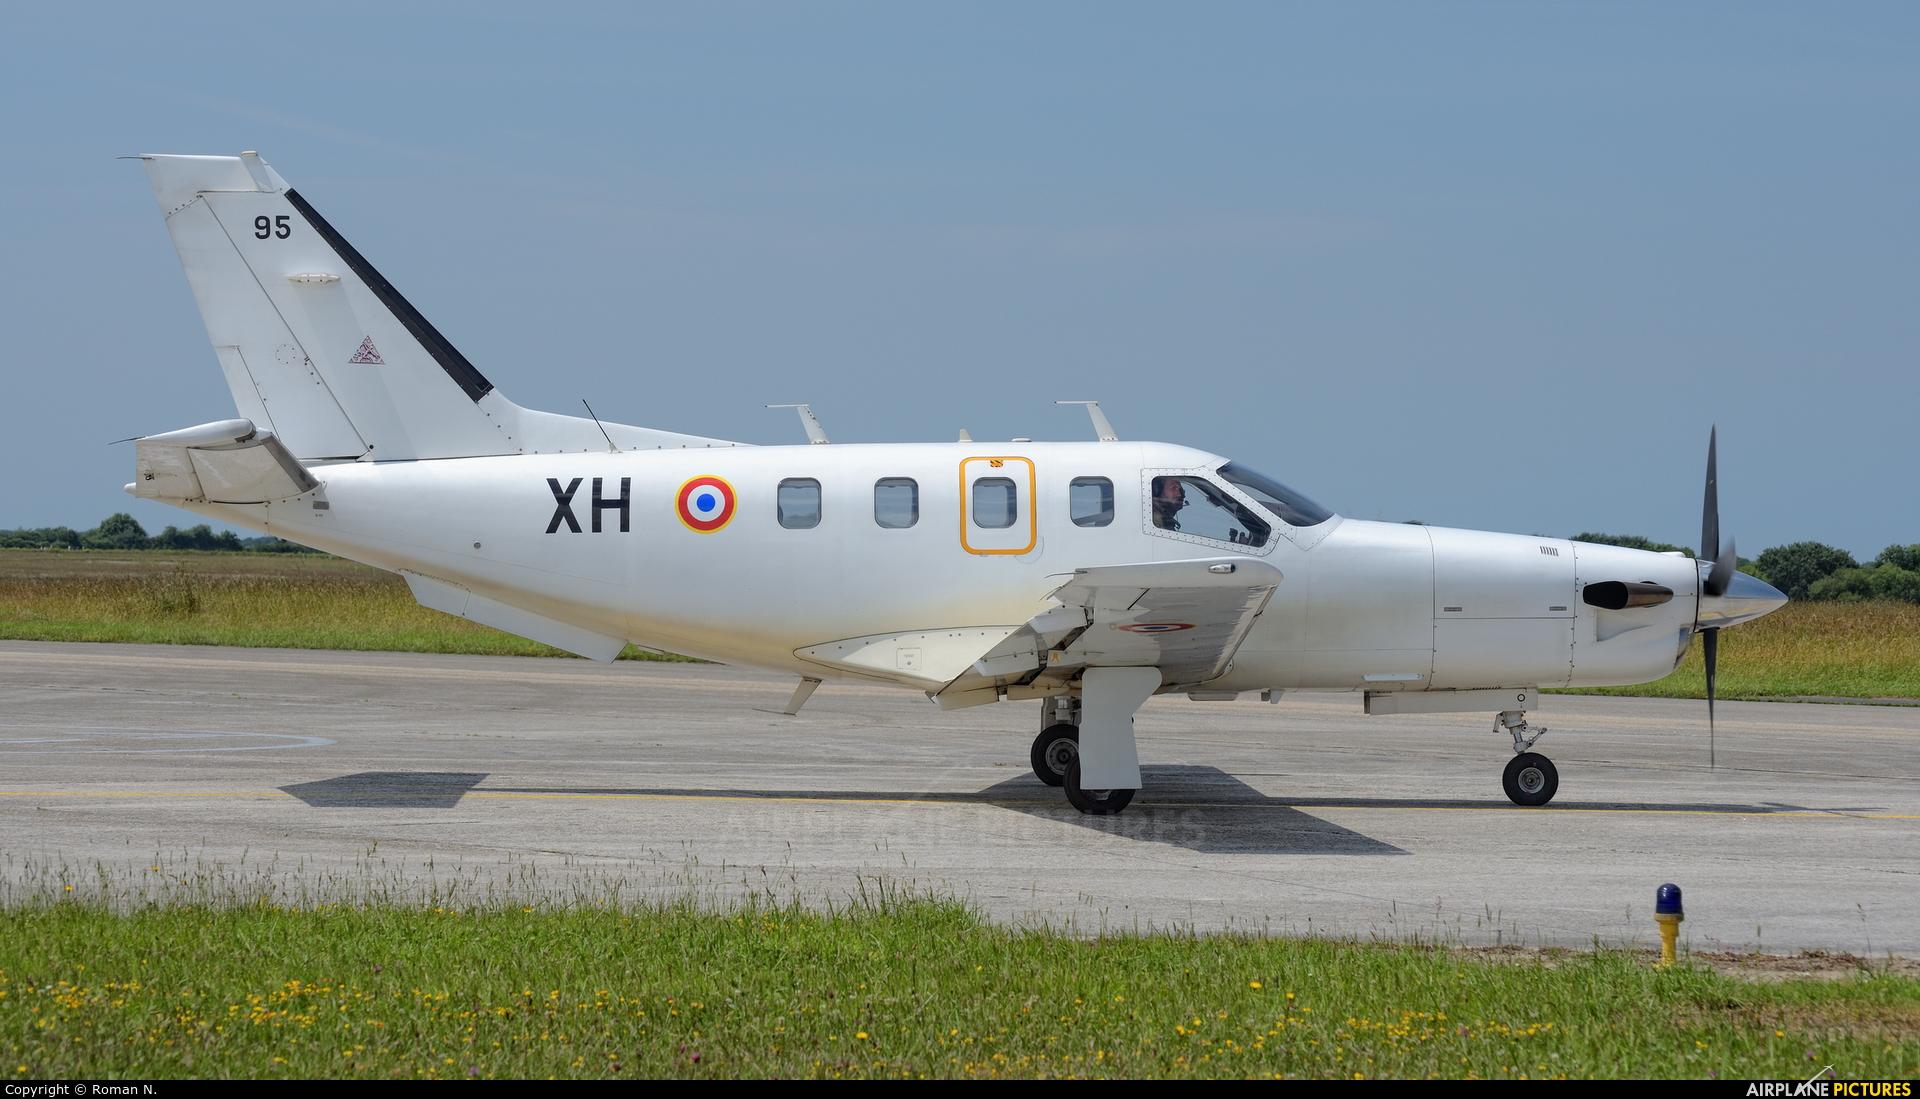 France - Air Force 95 aircraft at Landivisiau